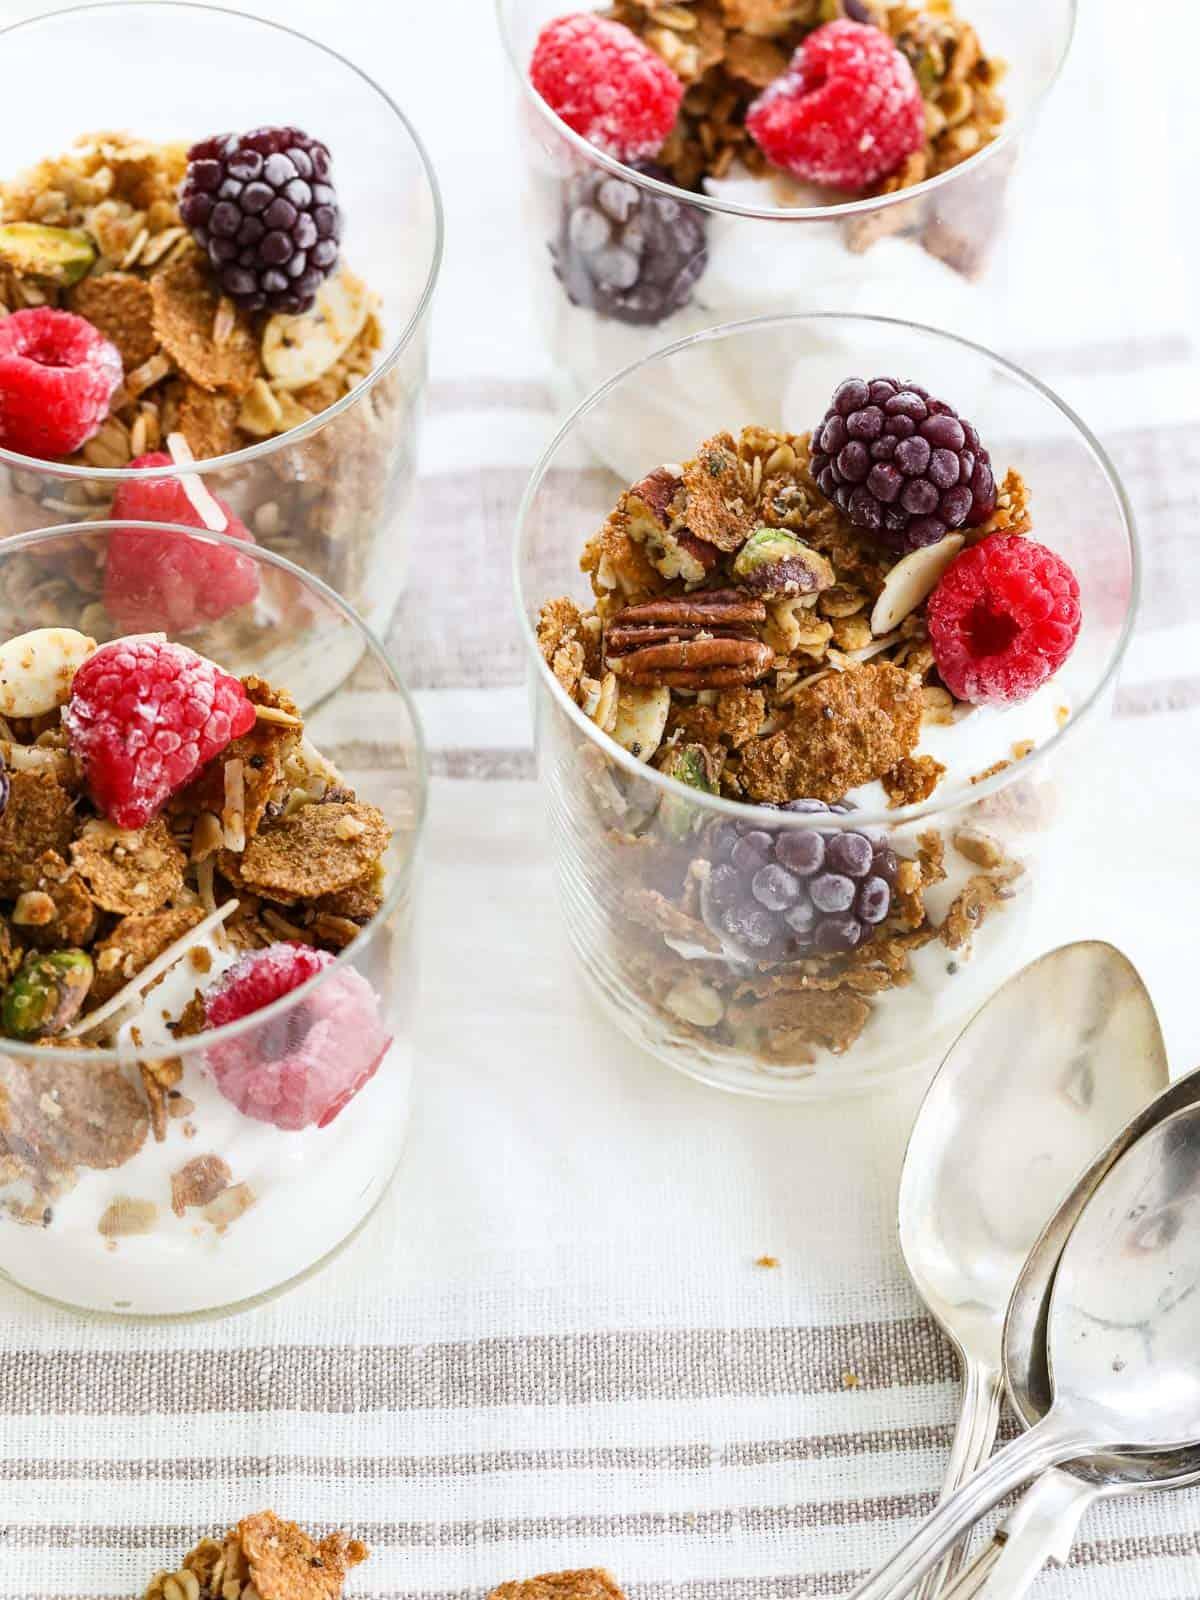 Four yogurt parfaits layered with yogurt, granola, and fresh raspberries and blackberries.